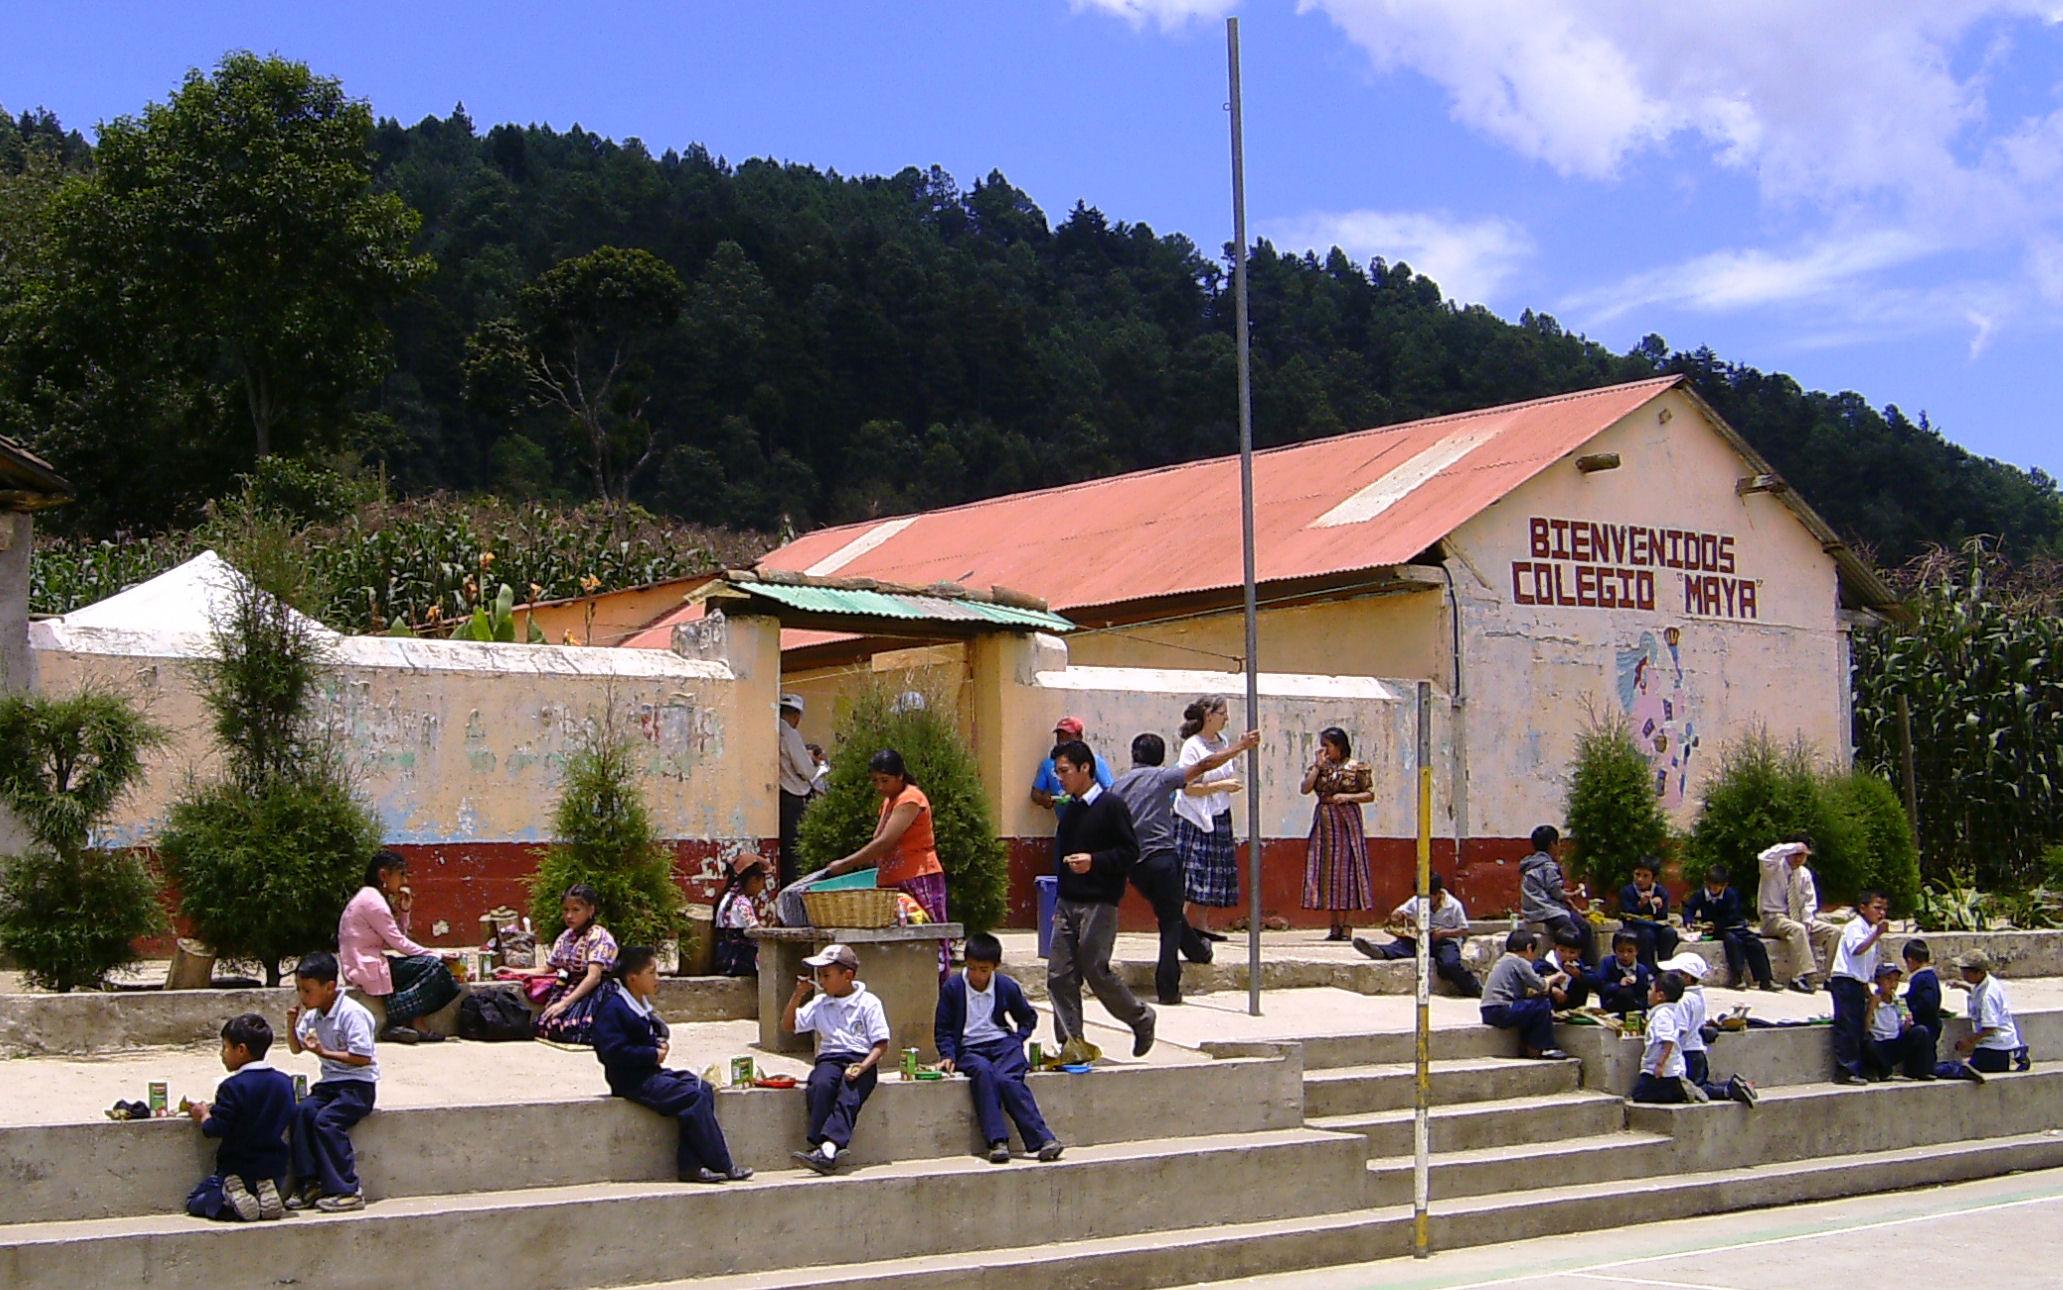 Colegio Maya